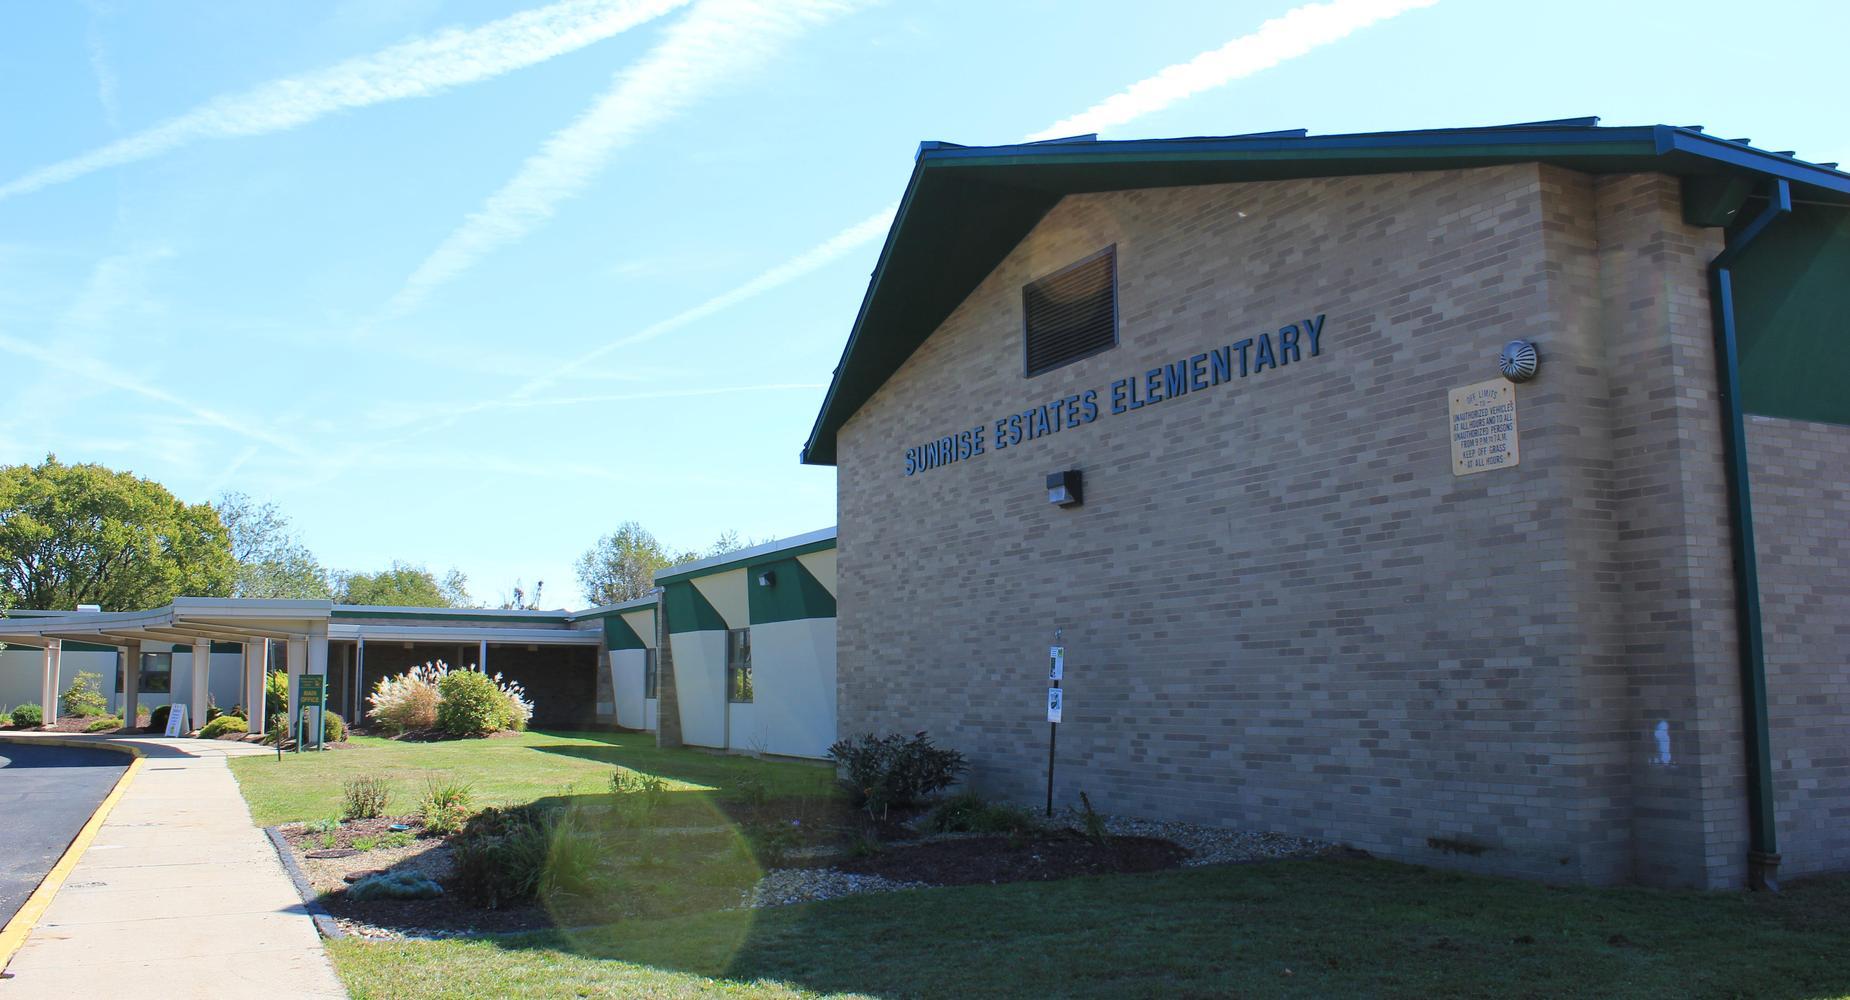 Exterior of Sunrise Estates Elementary School